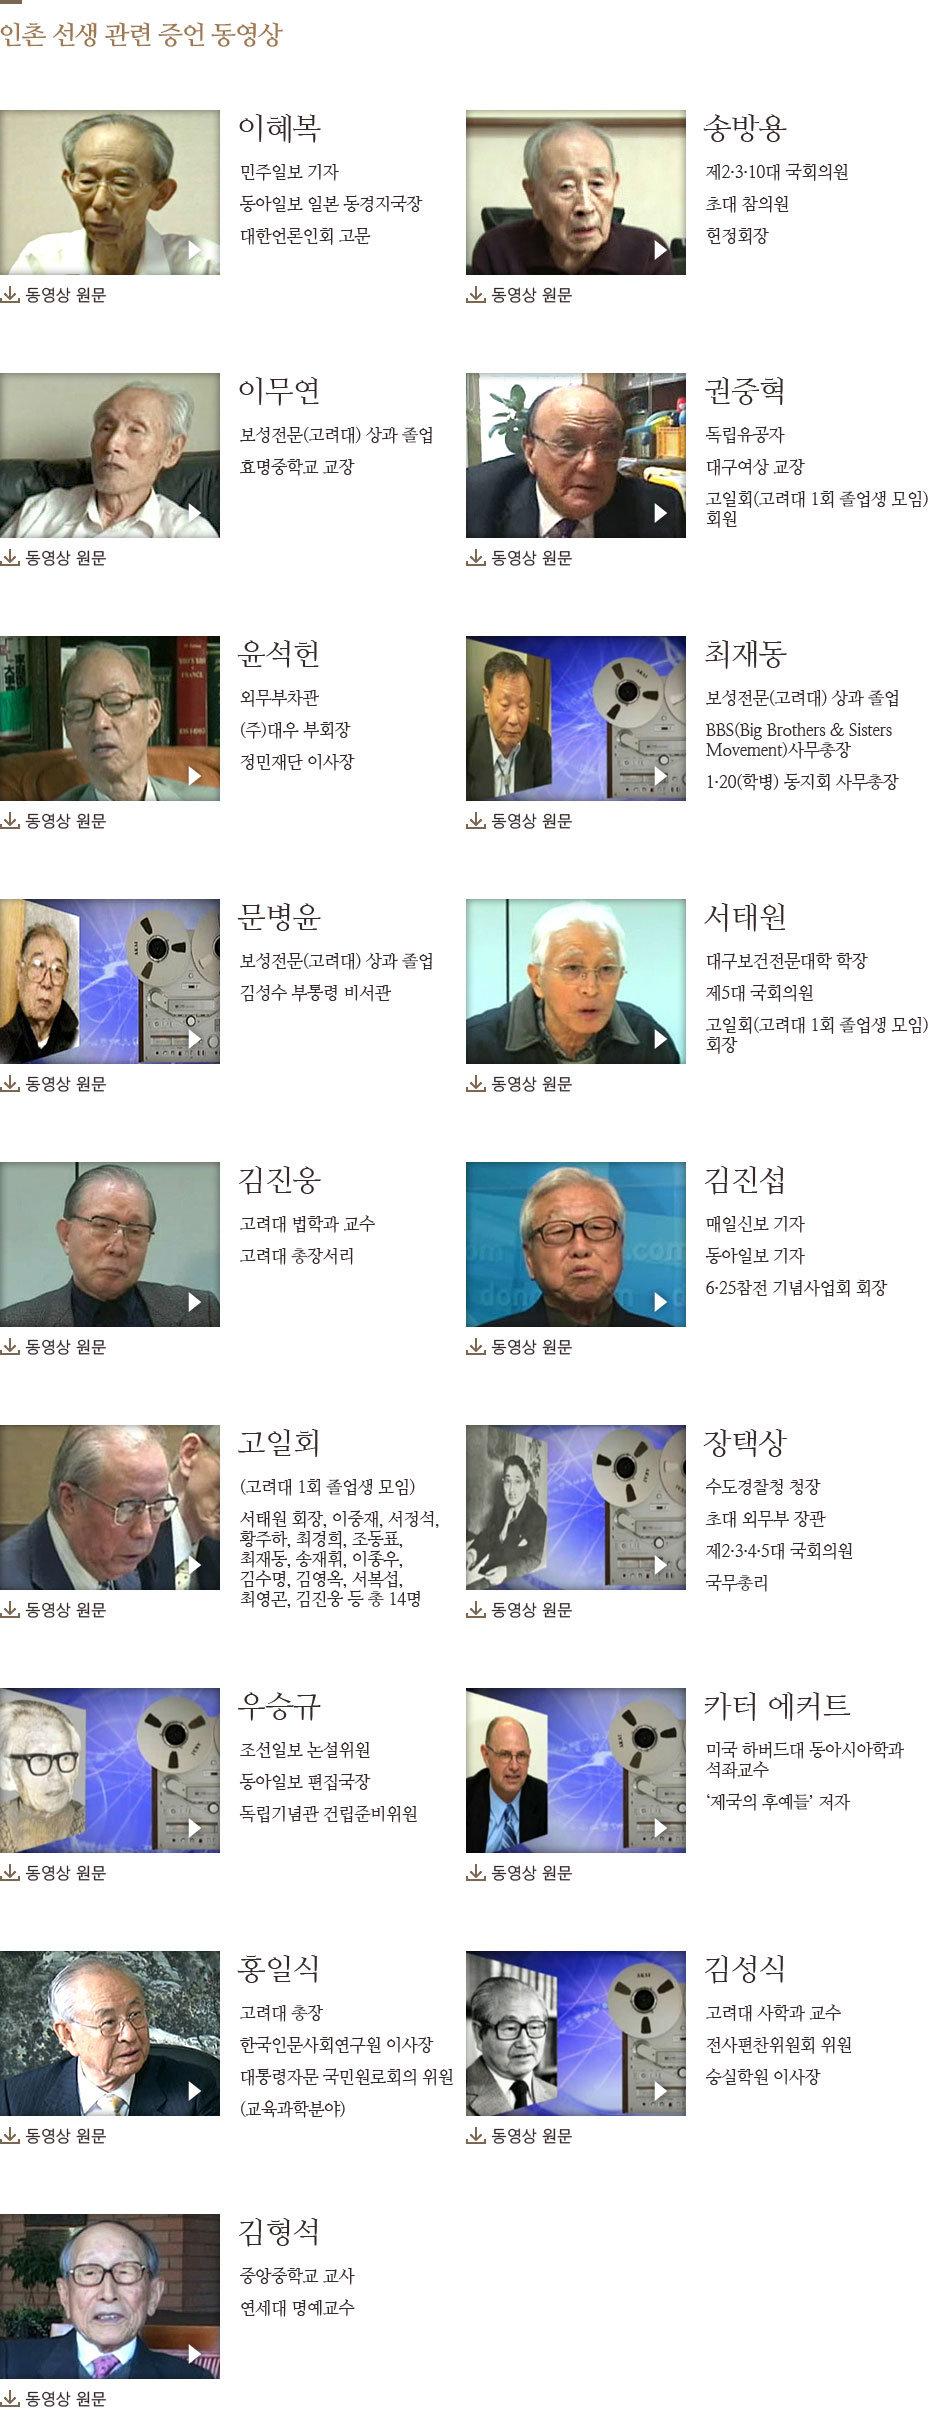 인촌 선생 관련 증언 동영상